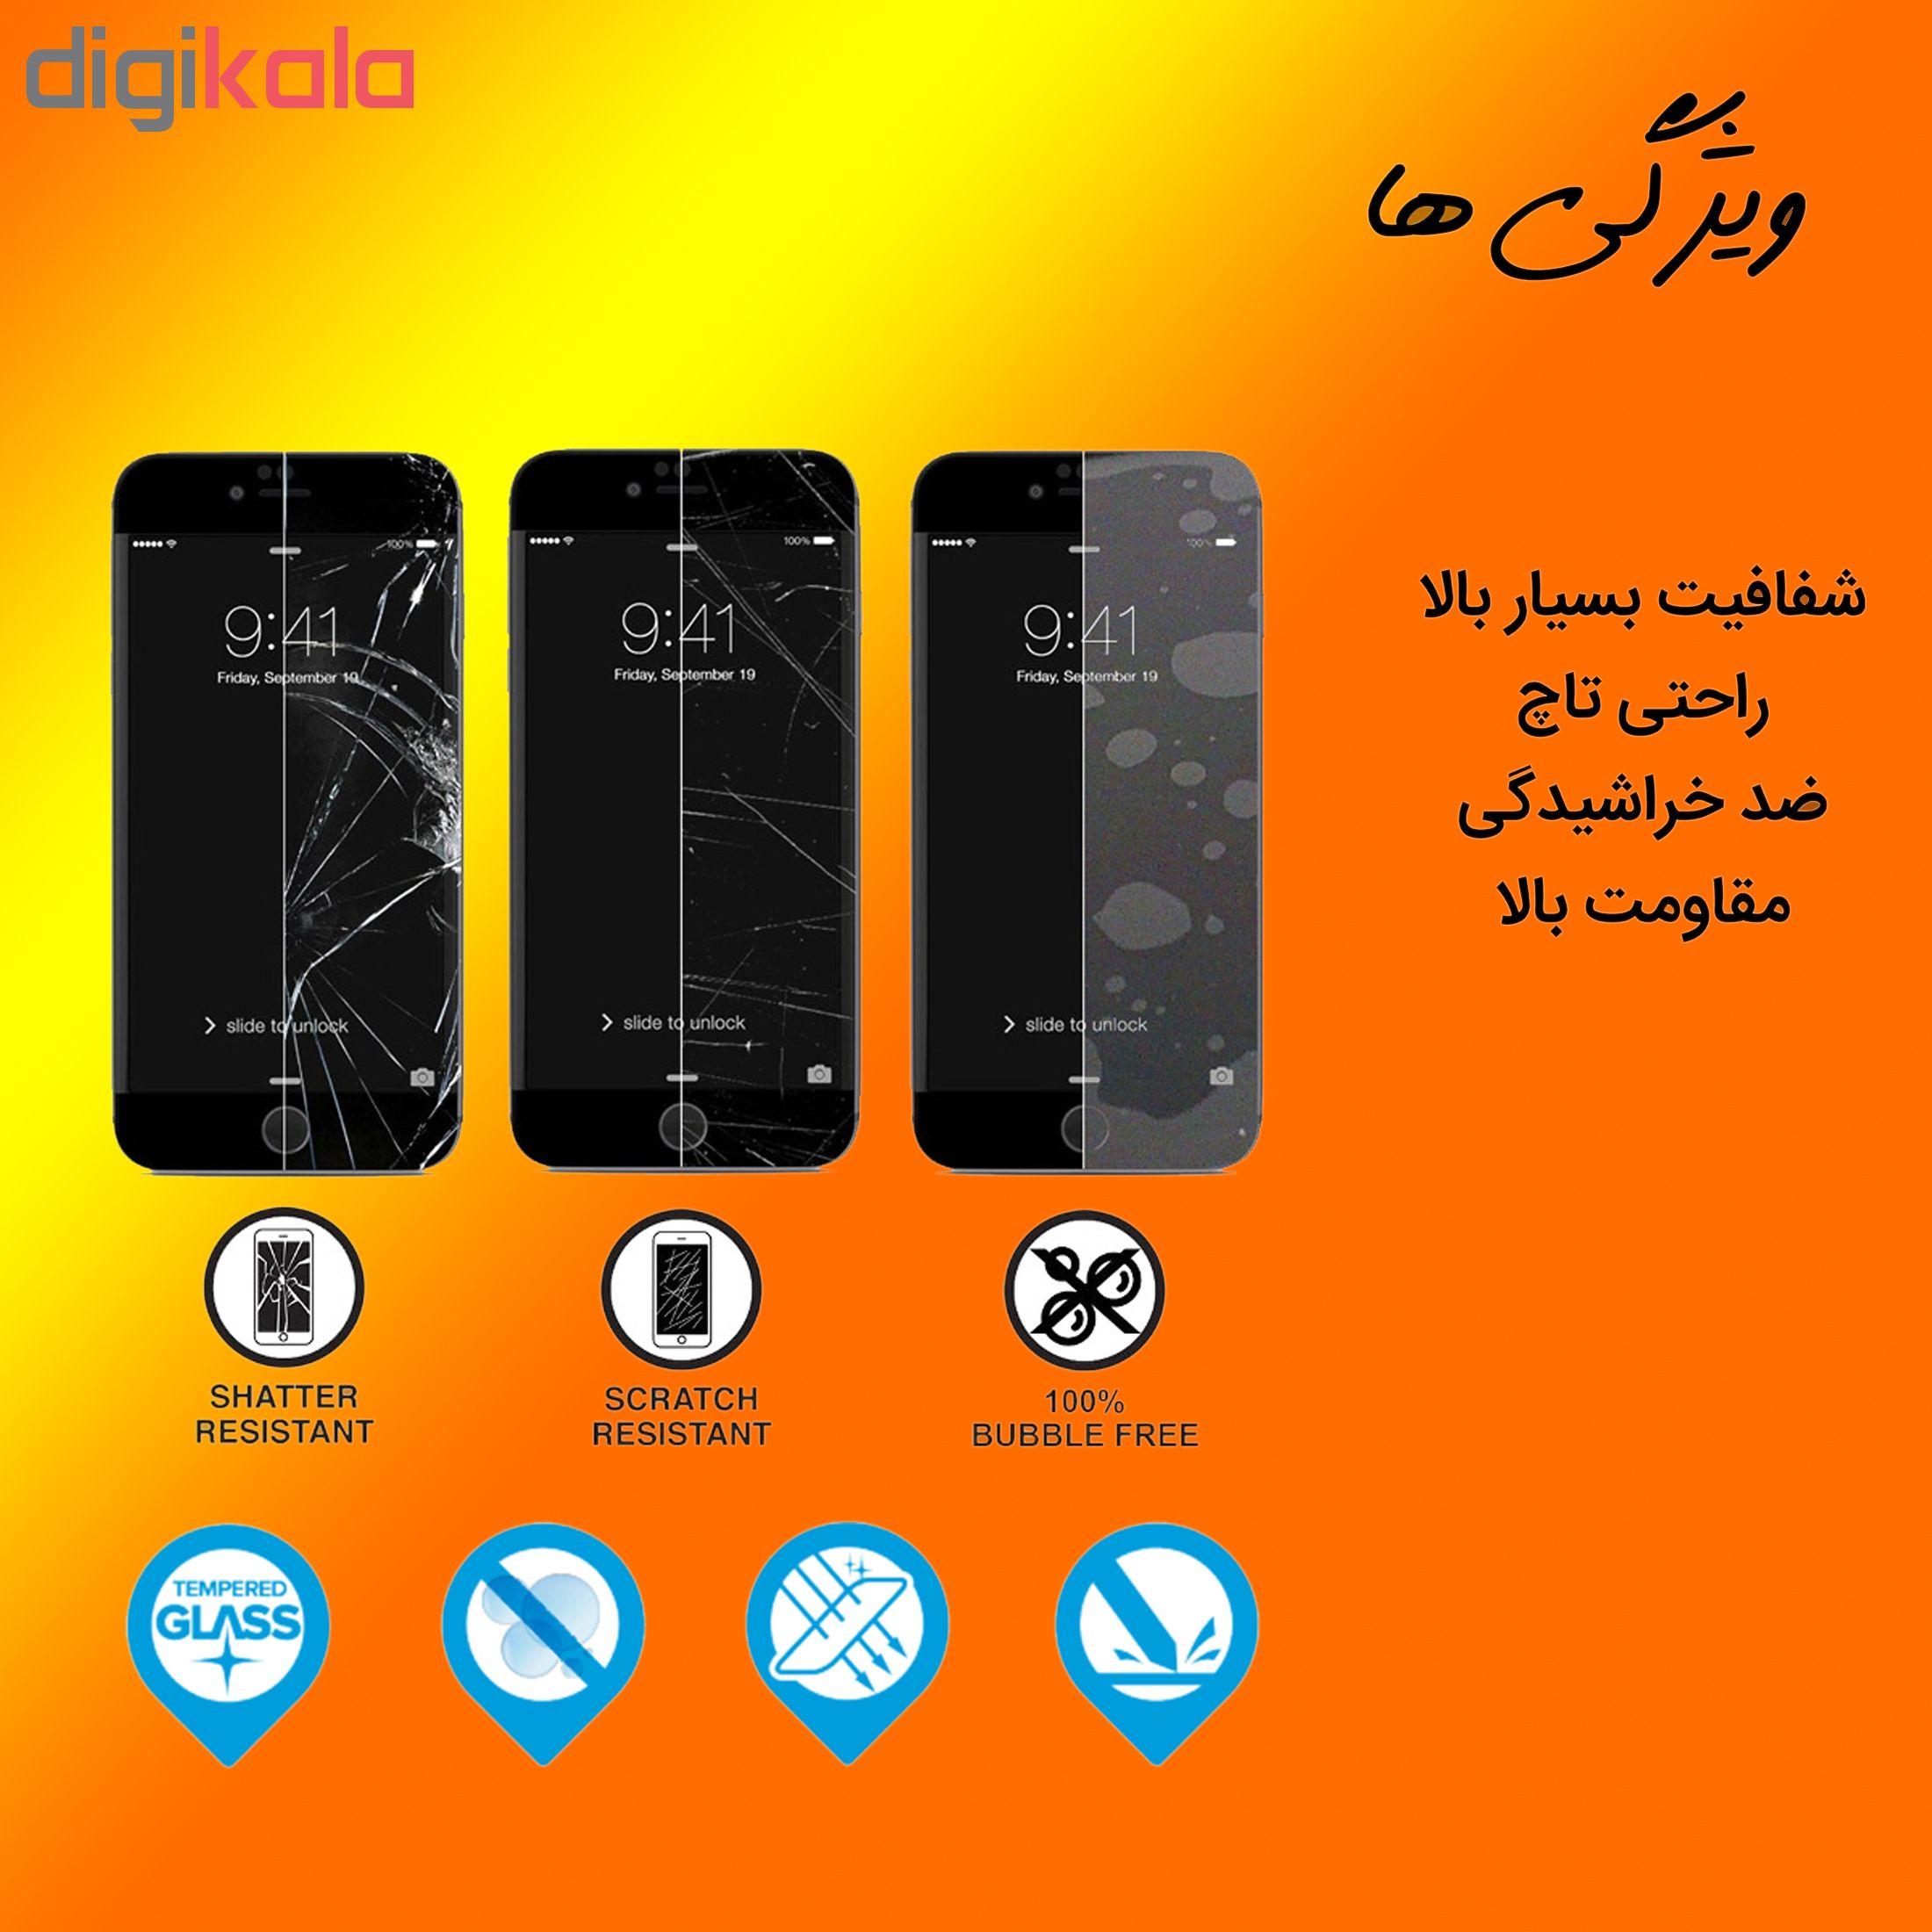 محافظ صفحه نمایش Hard and thick مدل F-001 مناسب برای گوشی موبایل سامسونگ Galaxy Note 8 main 1 2